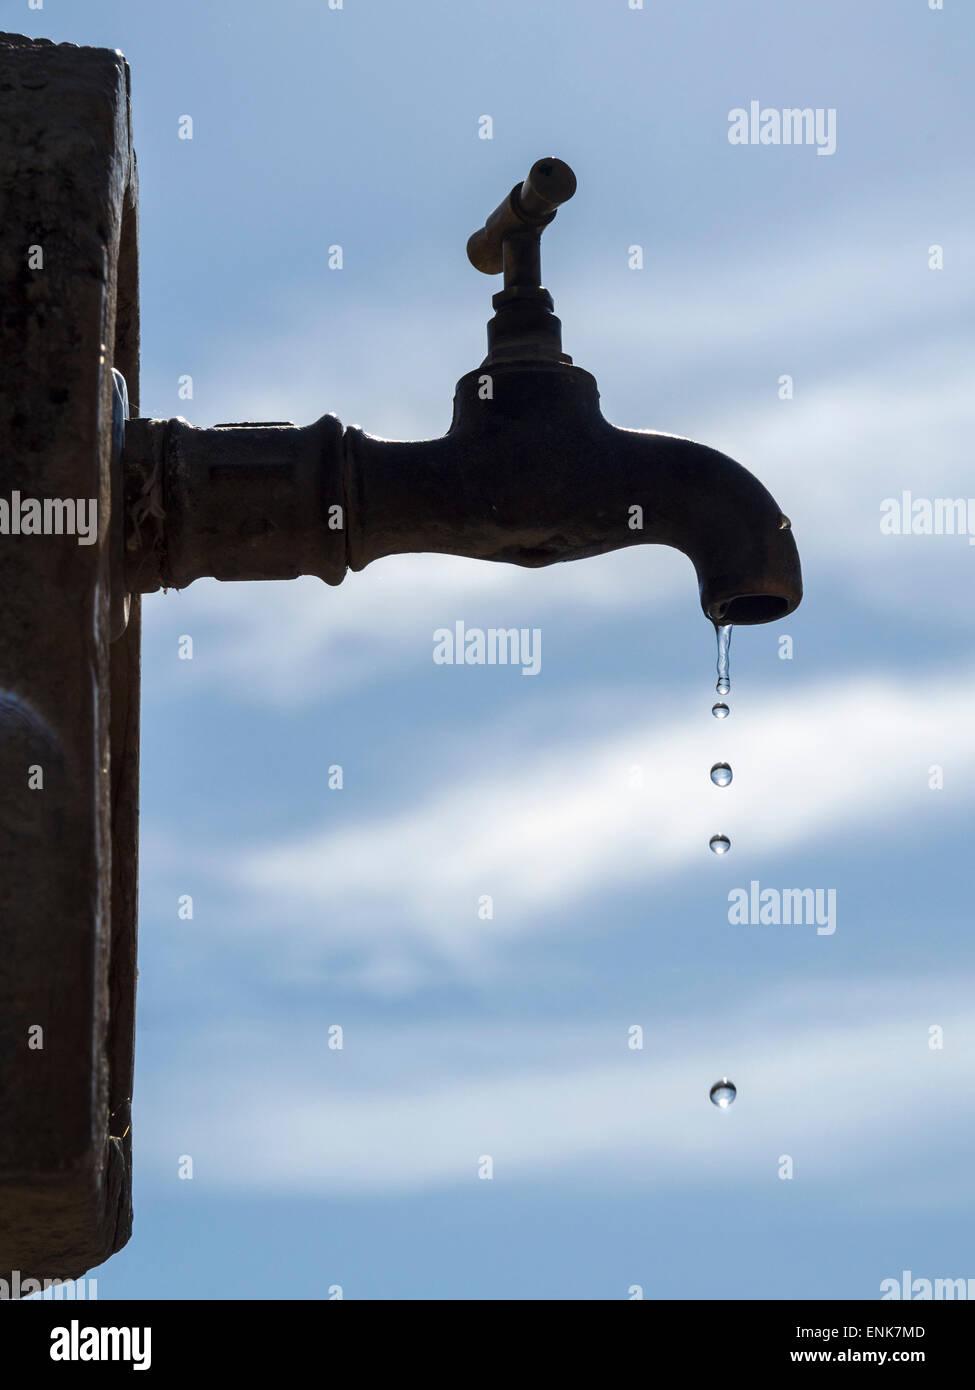 Outdoor Water Spigot Stock Photos & Outdoor Water Spigot Stock ...